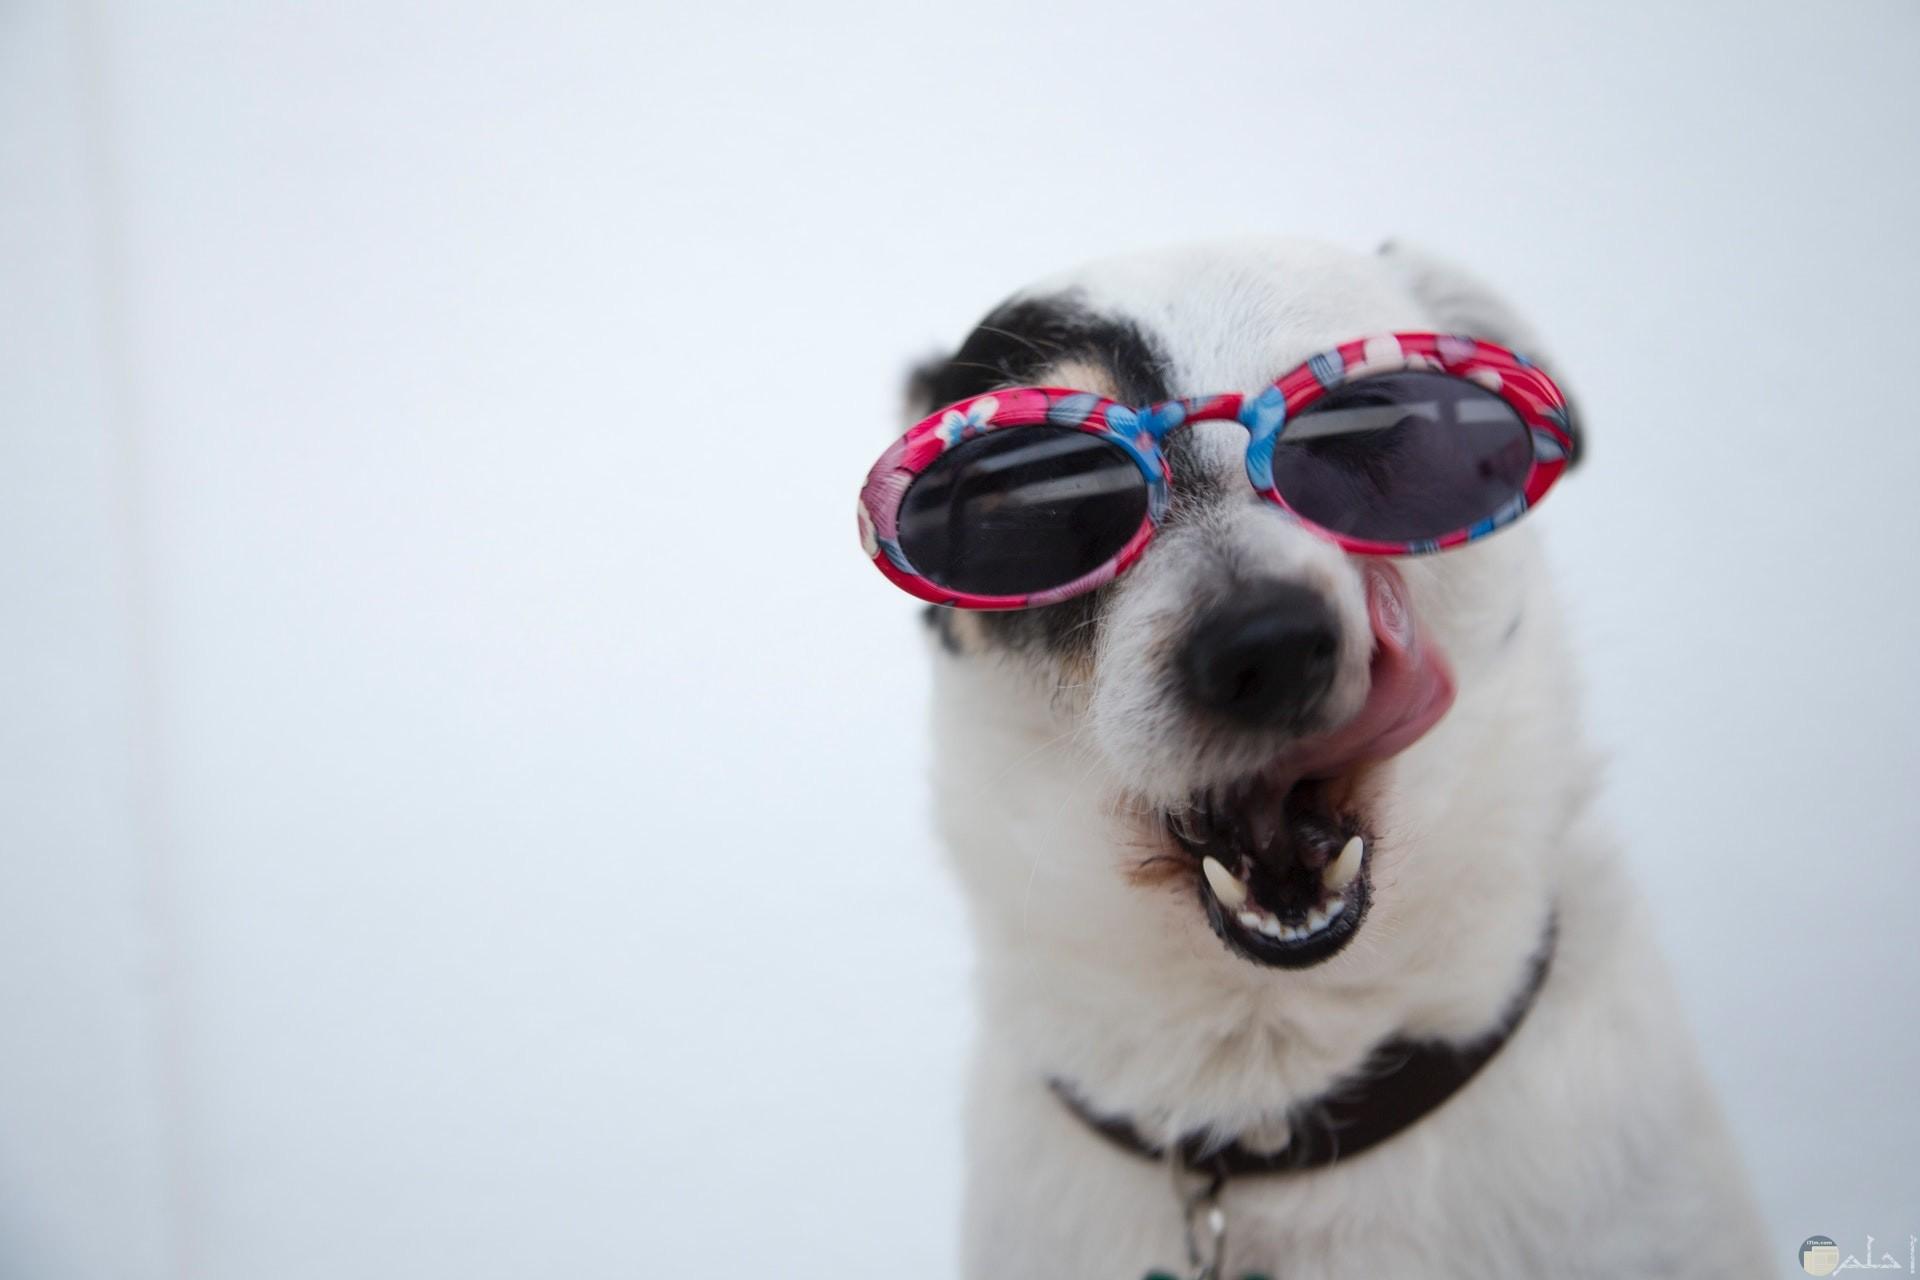 صور كوميدية لكلب مضحك مع نظارة شمسية ملونة